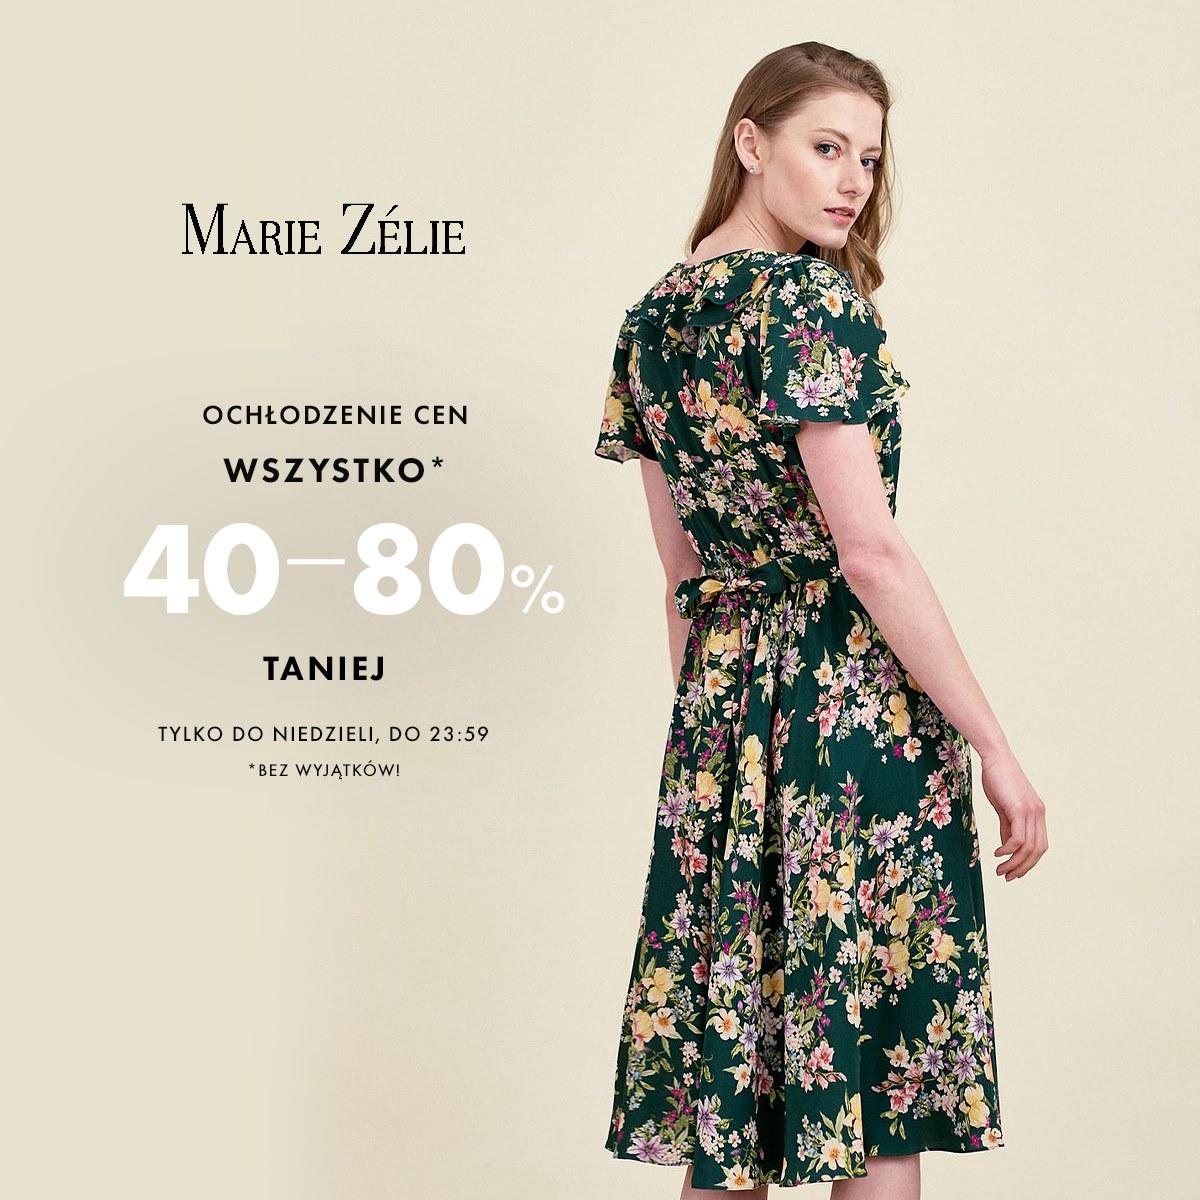 Marie Zelie: od 40% do 80% rabatu na odzież damską - sukienki, spódnice, bluzki i wiele innych